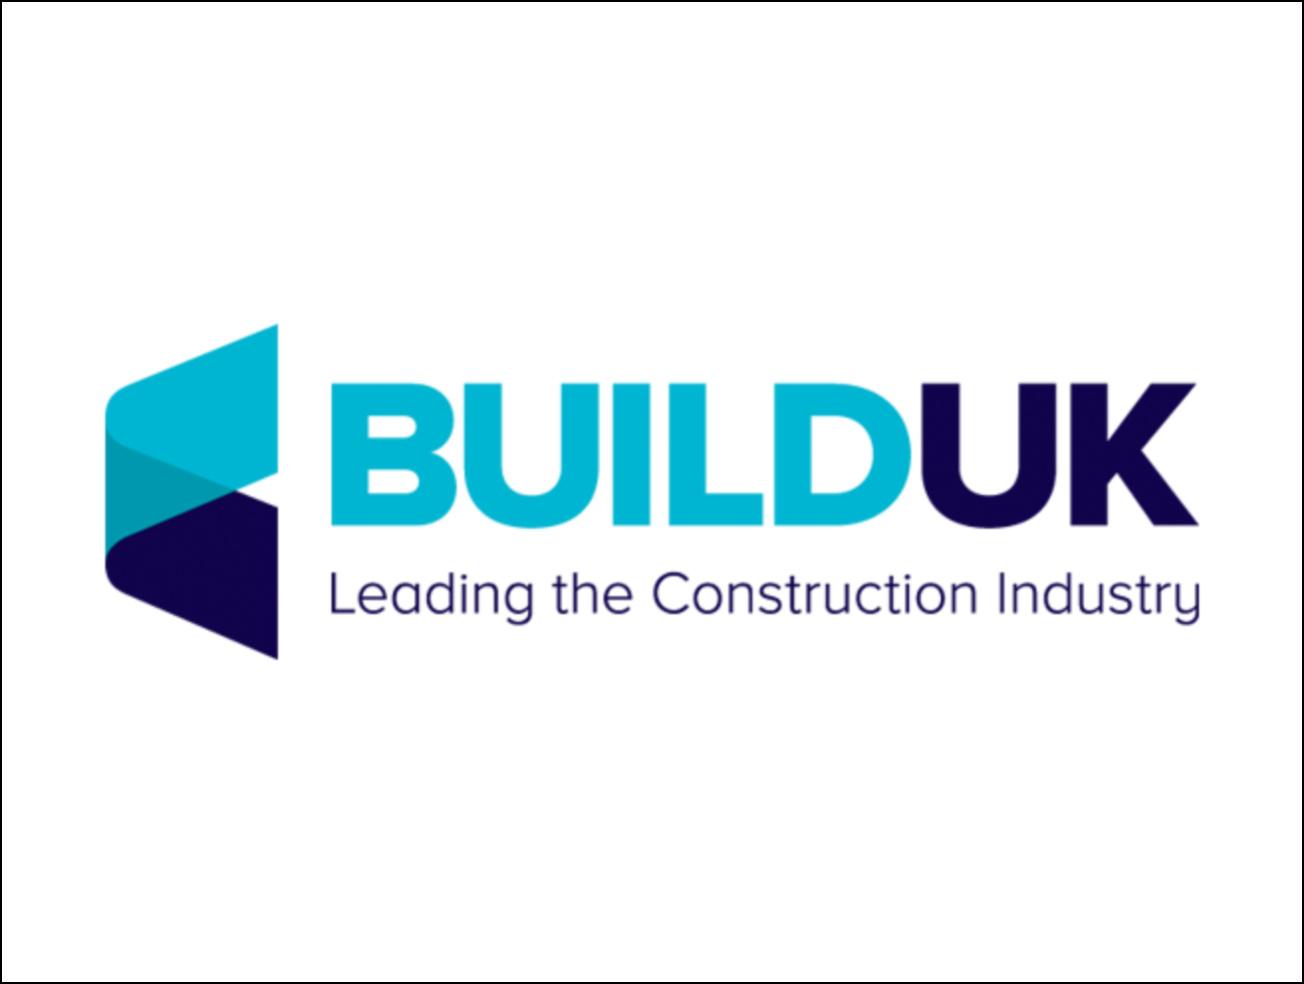 Build UK – Coronavirus Impact Update